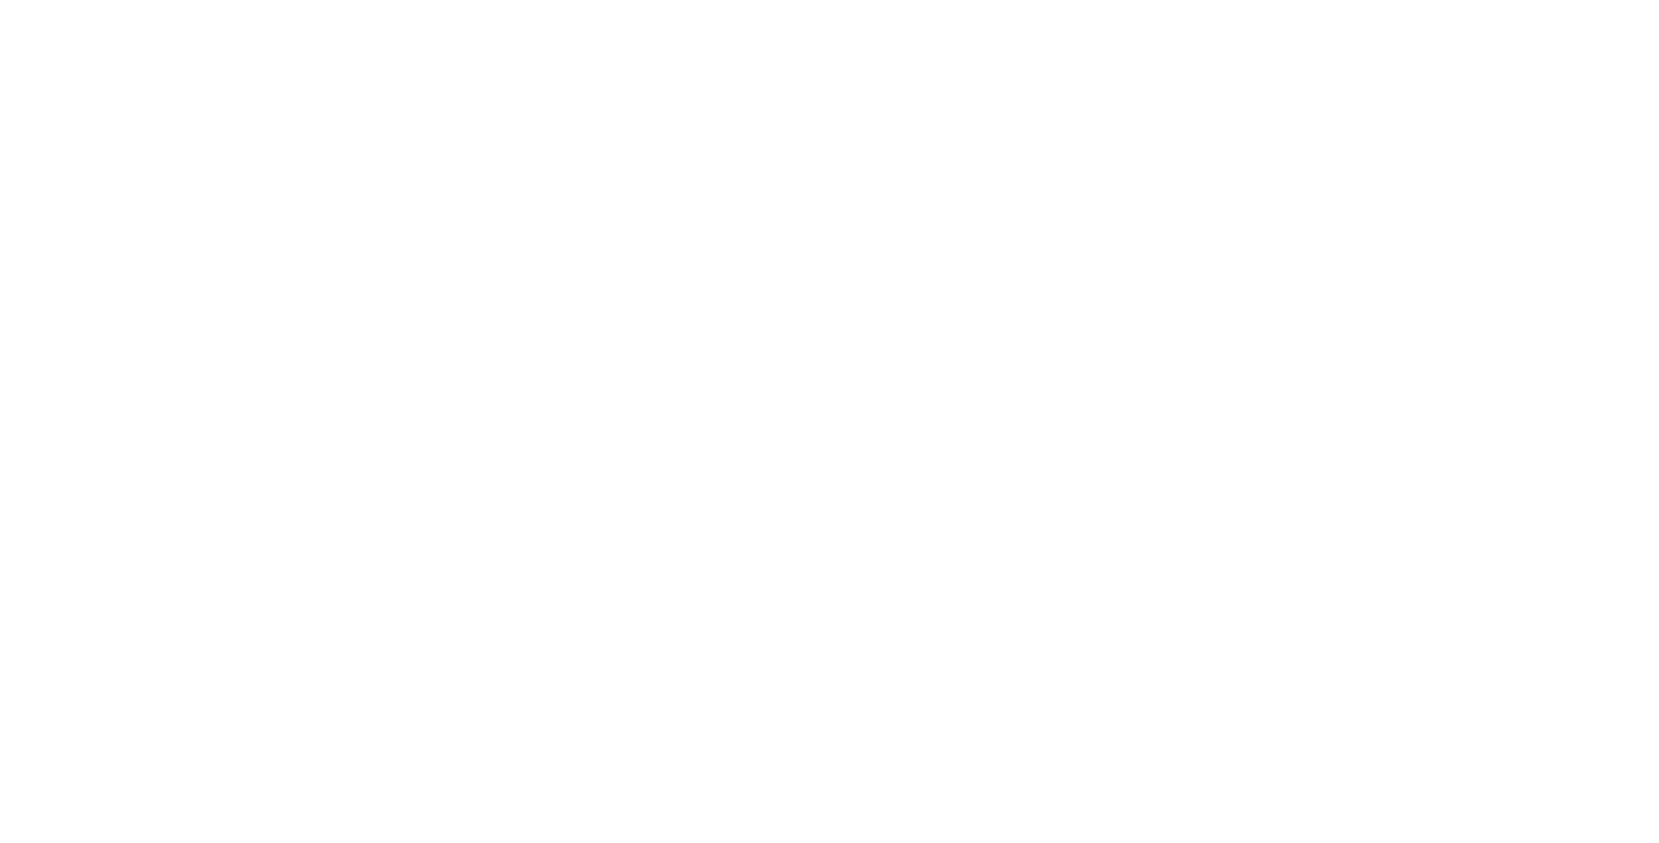 Waldron_Logo_Final_white.png